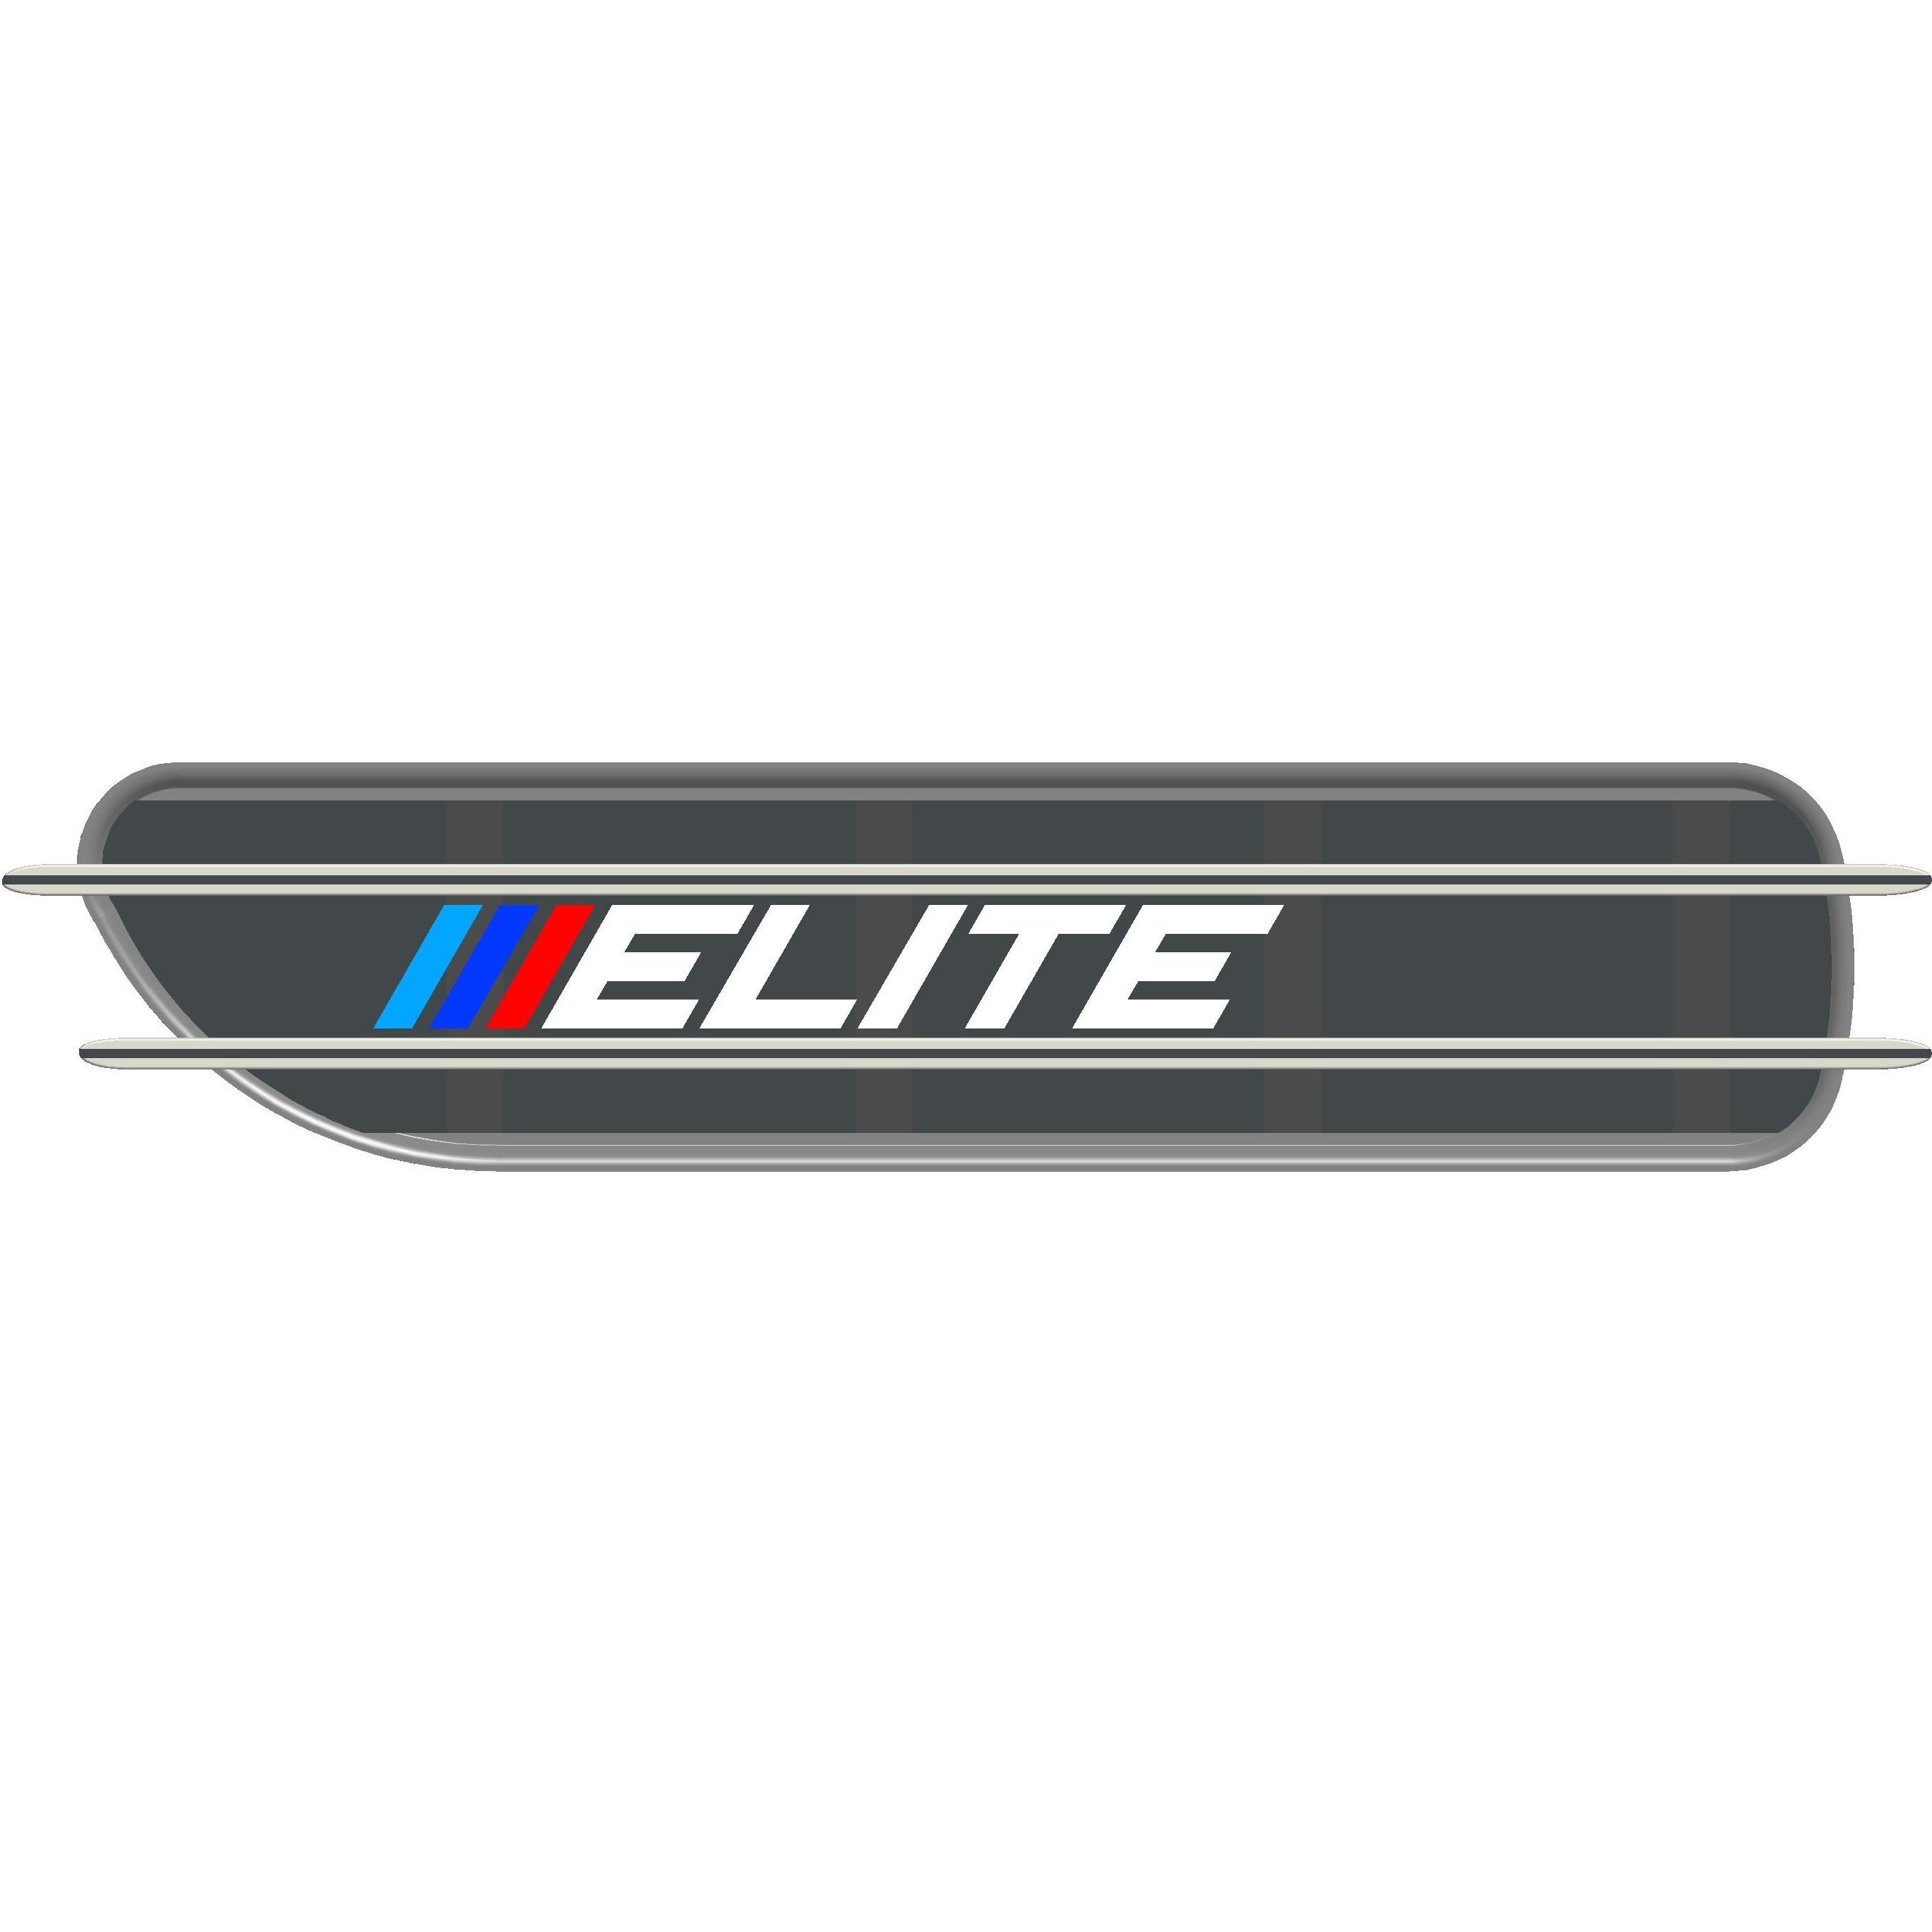 Elite Import Auto Service - Austin, TX 78758 - (512)253-8568 | ShowMeLocal.com